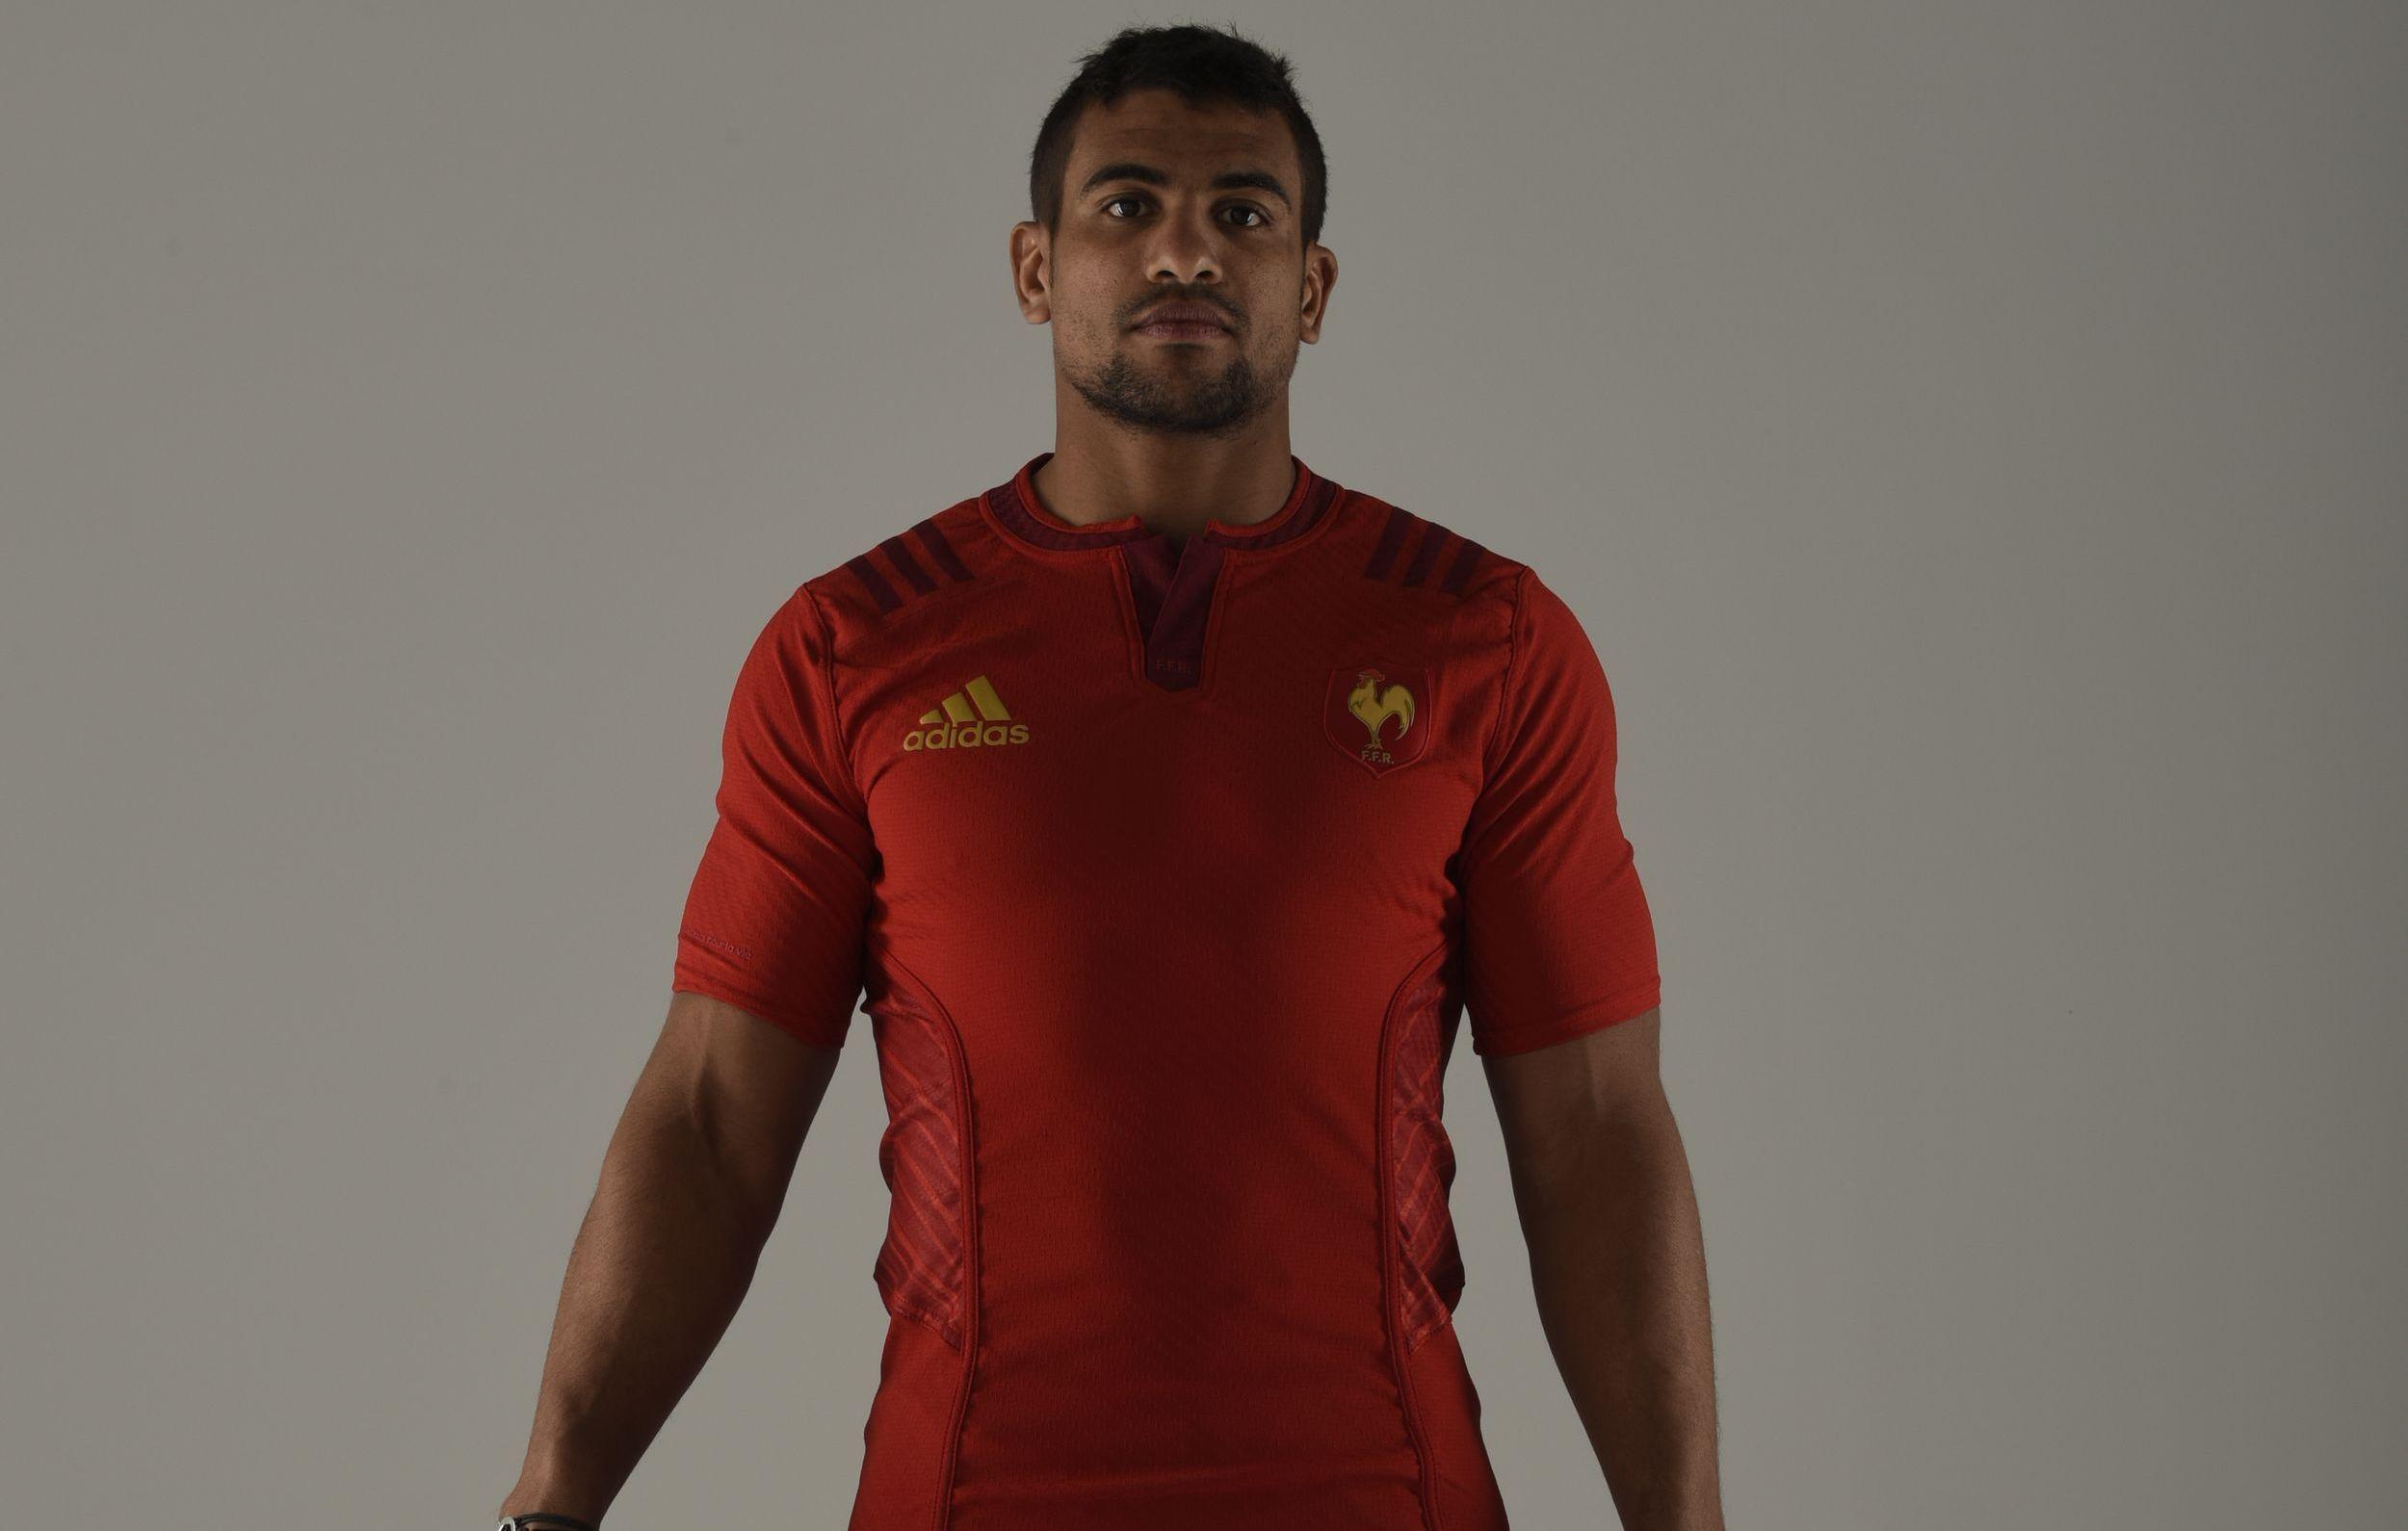 Le nouveau maillot des bleus est rouge xv de france for Maillot exterieur xv de france